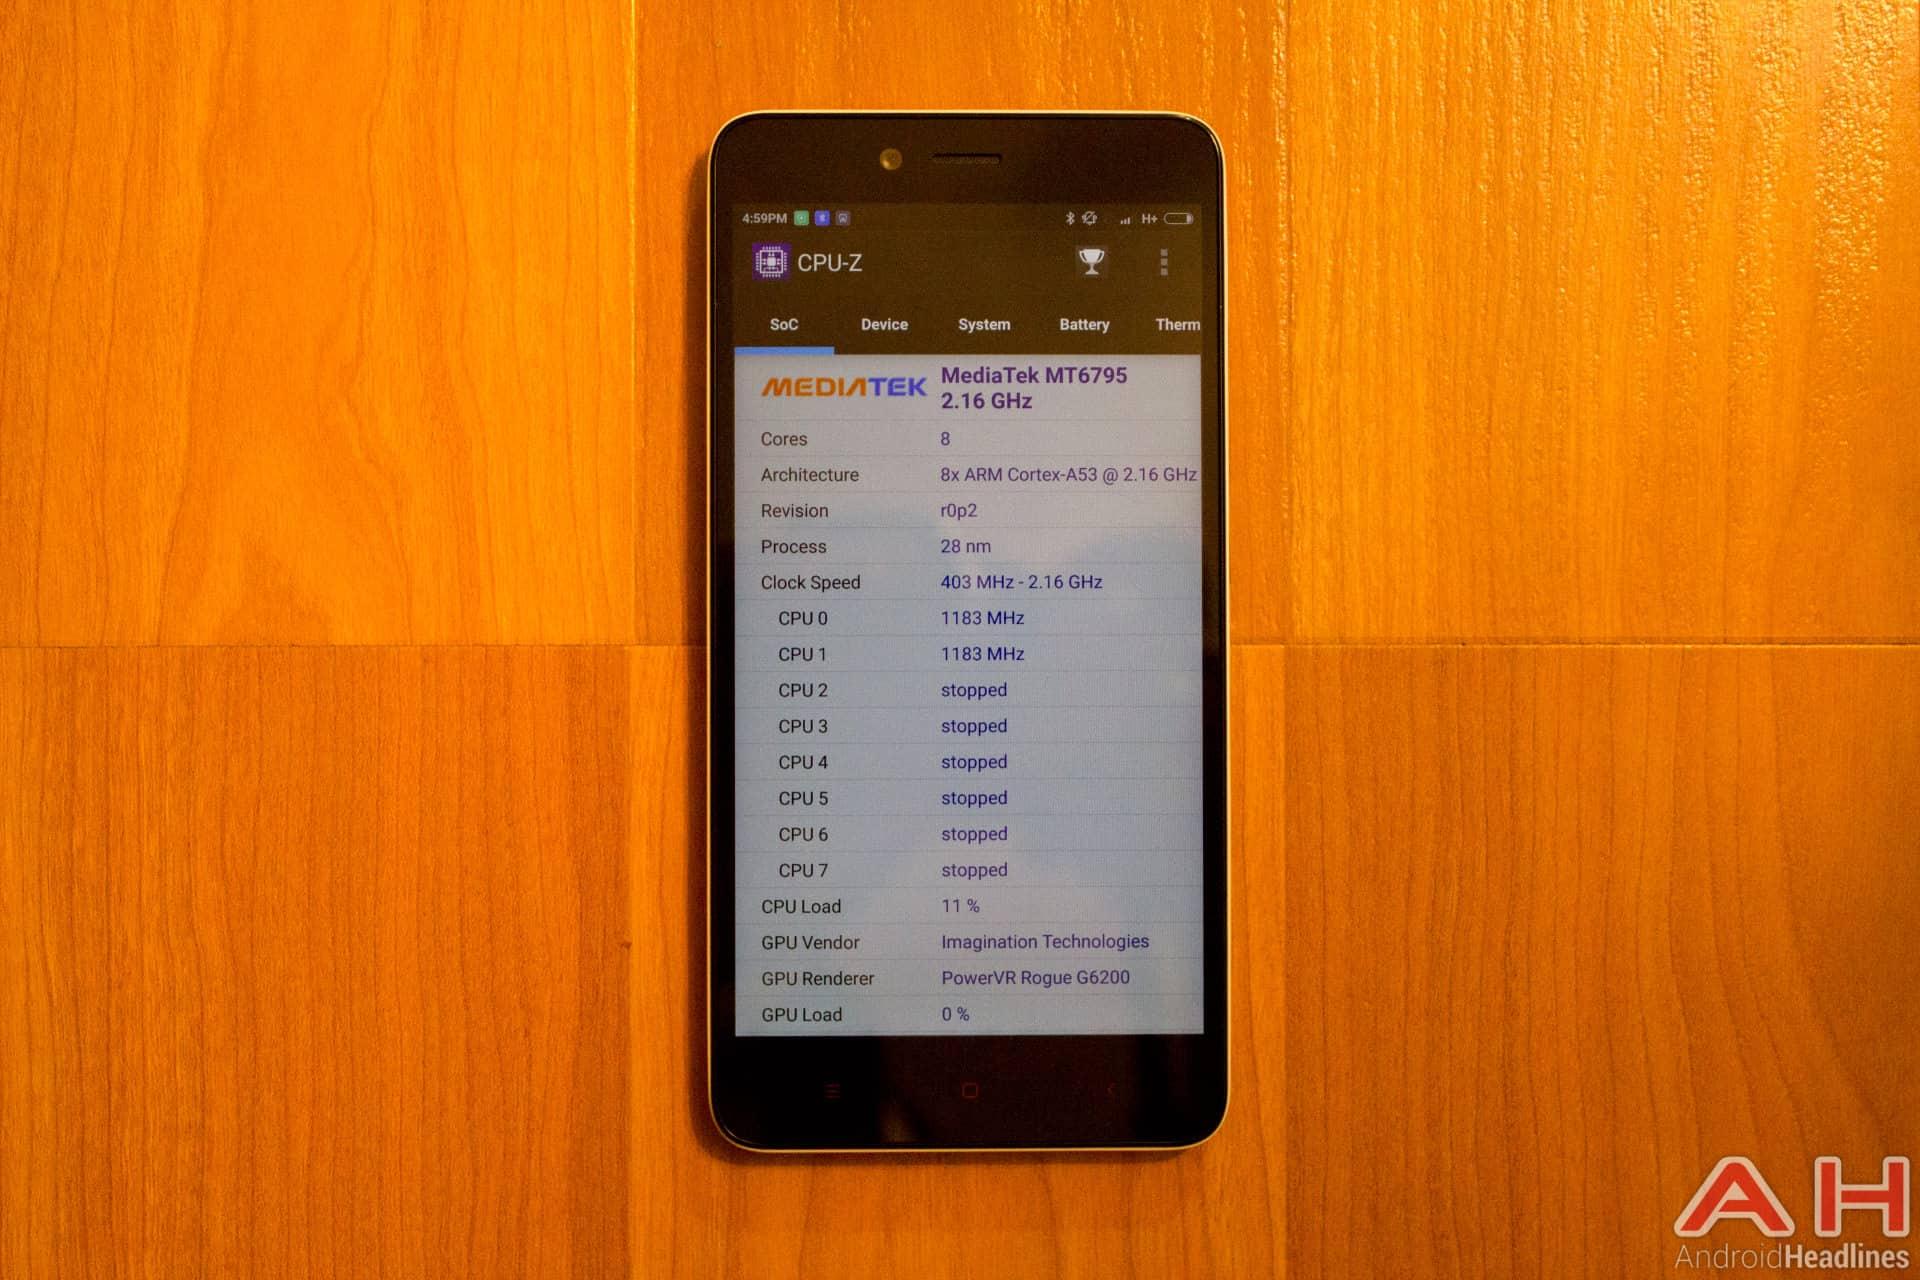 Xiaomi-Redmi-Note-2-AH-specs